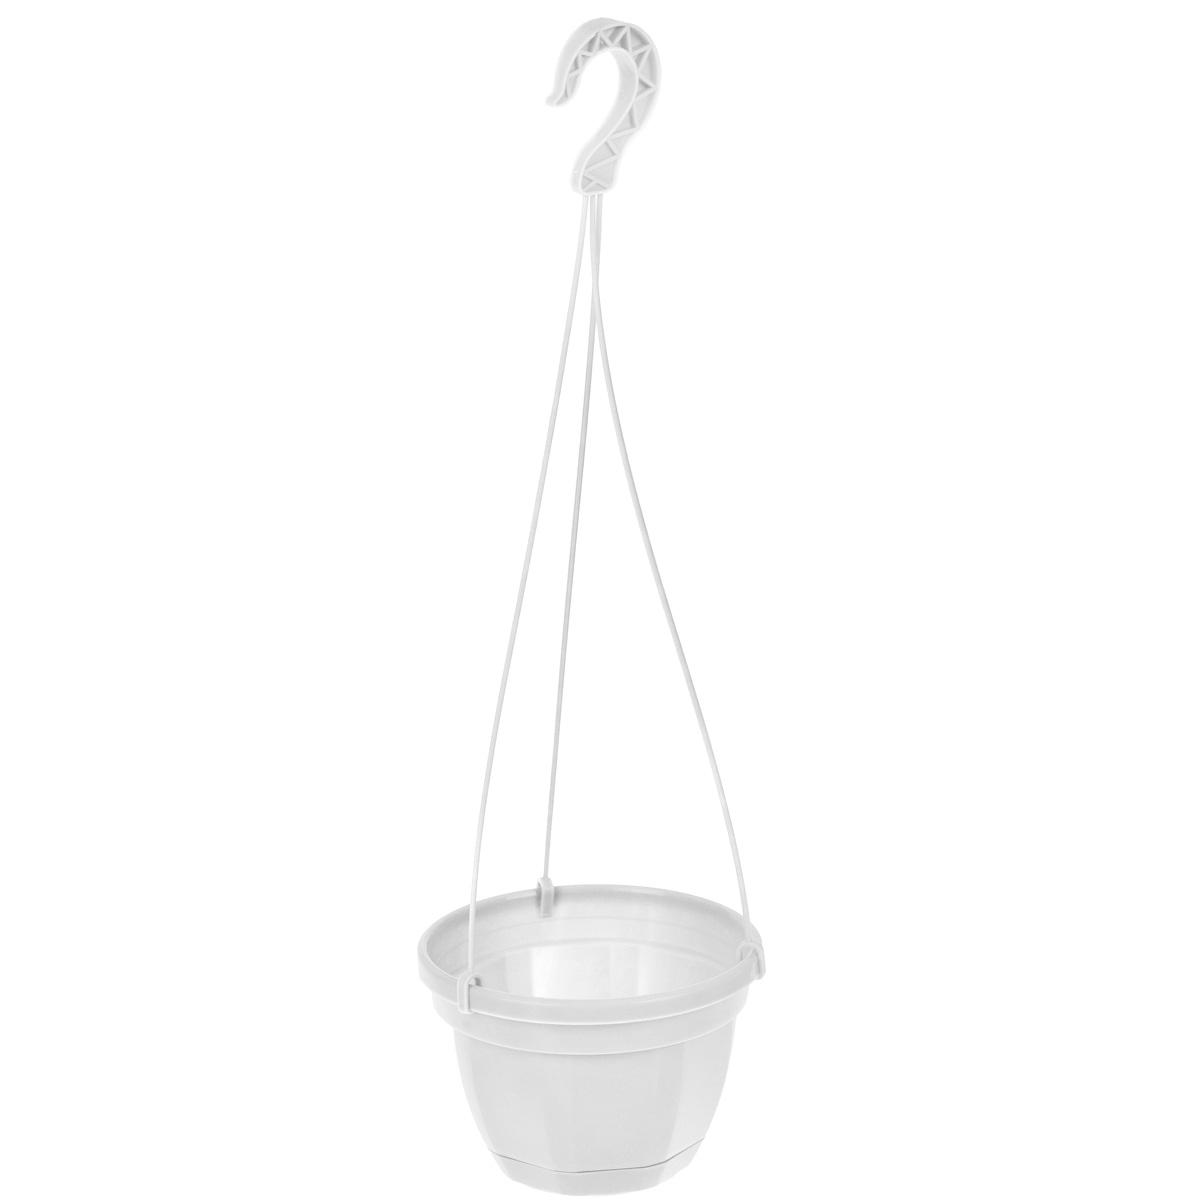 Кашпо на подвесе Инстар Ника, с поддоном, цвет: белый, диаметр 17 смст071бел.Кашпо на подвесе Инстар Ника изготовлено из прочного пластика. Снабжено поддоном для стока воды. Изделие прекрасно подходит для выращивания рассады, растений и цветов в домашних условиях. Специальный подвес для крепления к стене. Стильный лаконичный дизайн впишется в интерьер любого помещения. Диаметр кашпо (по верхнему краю): 17 см. Высота кашпо: 12 см. Высота кашпо (с подвесом): 51 см.